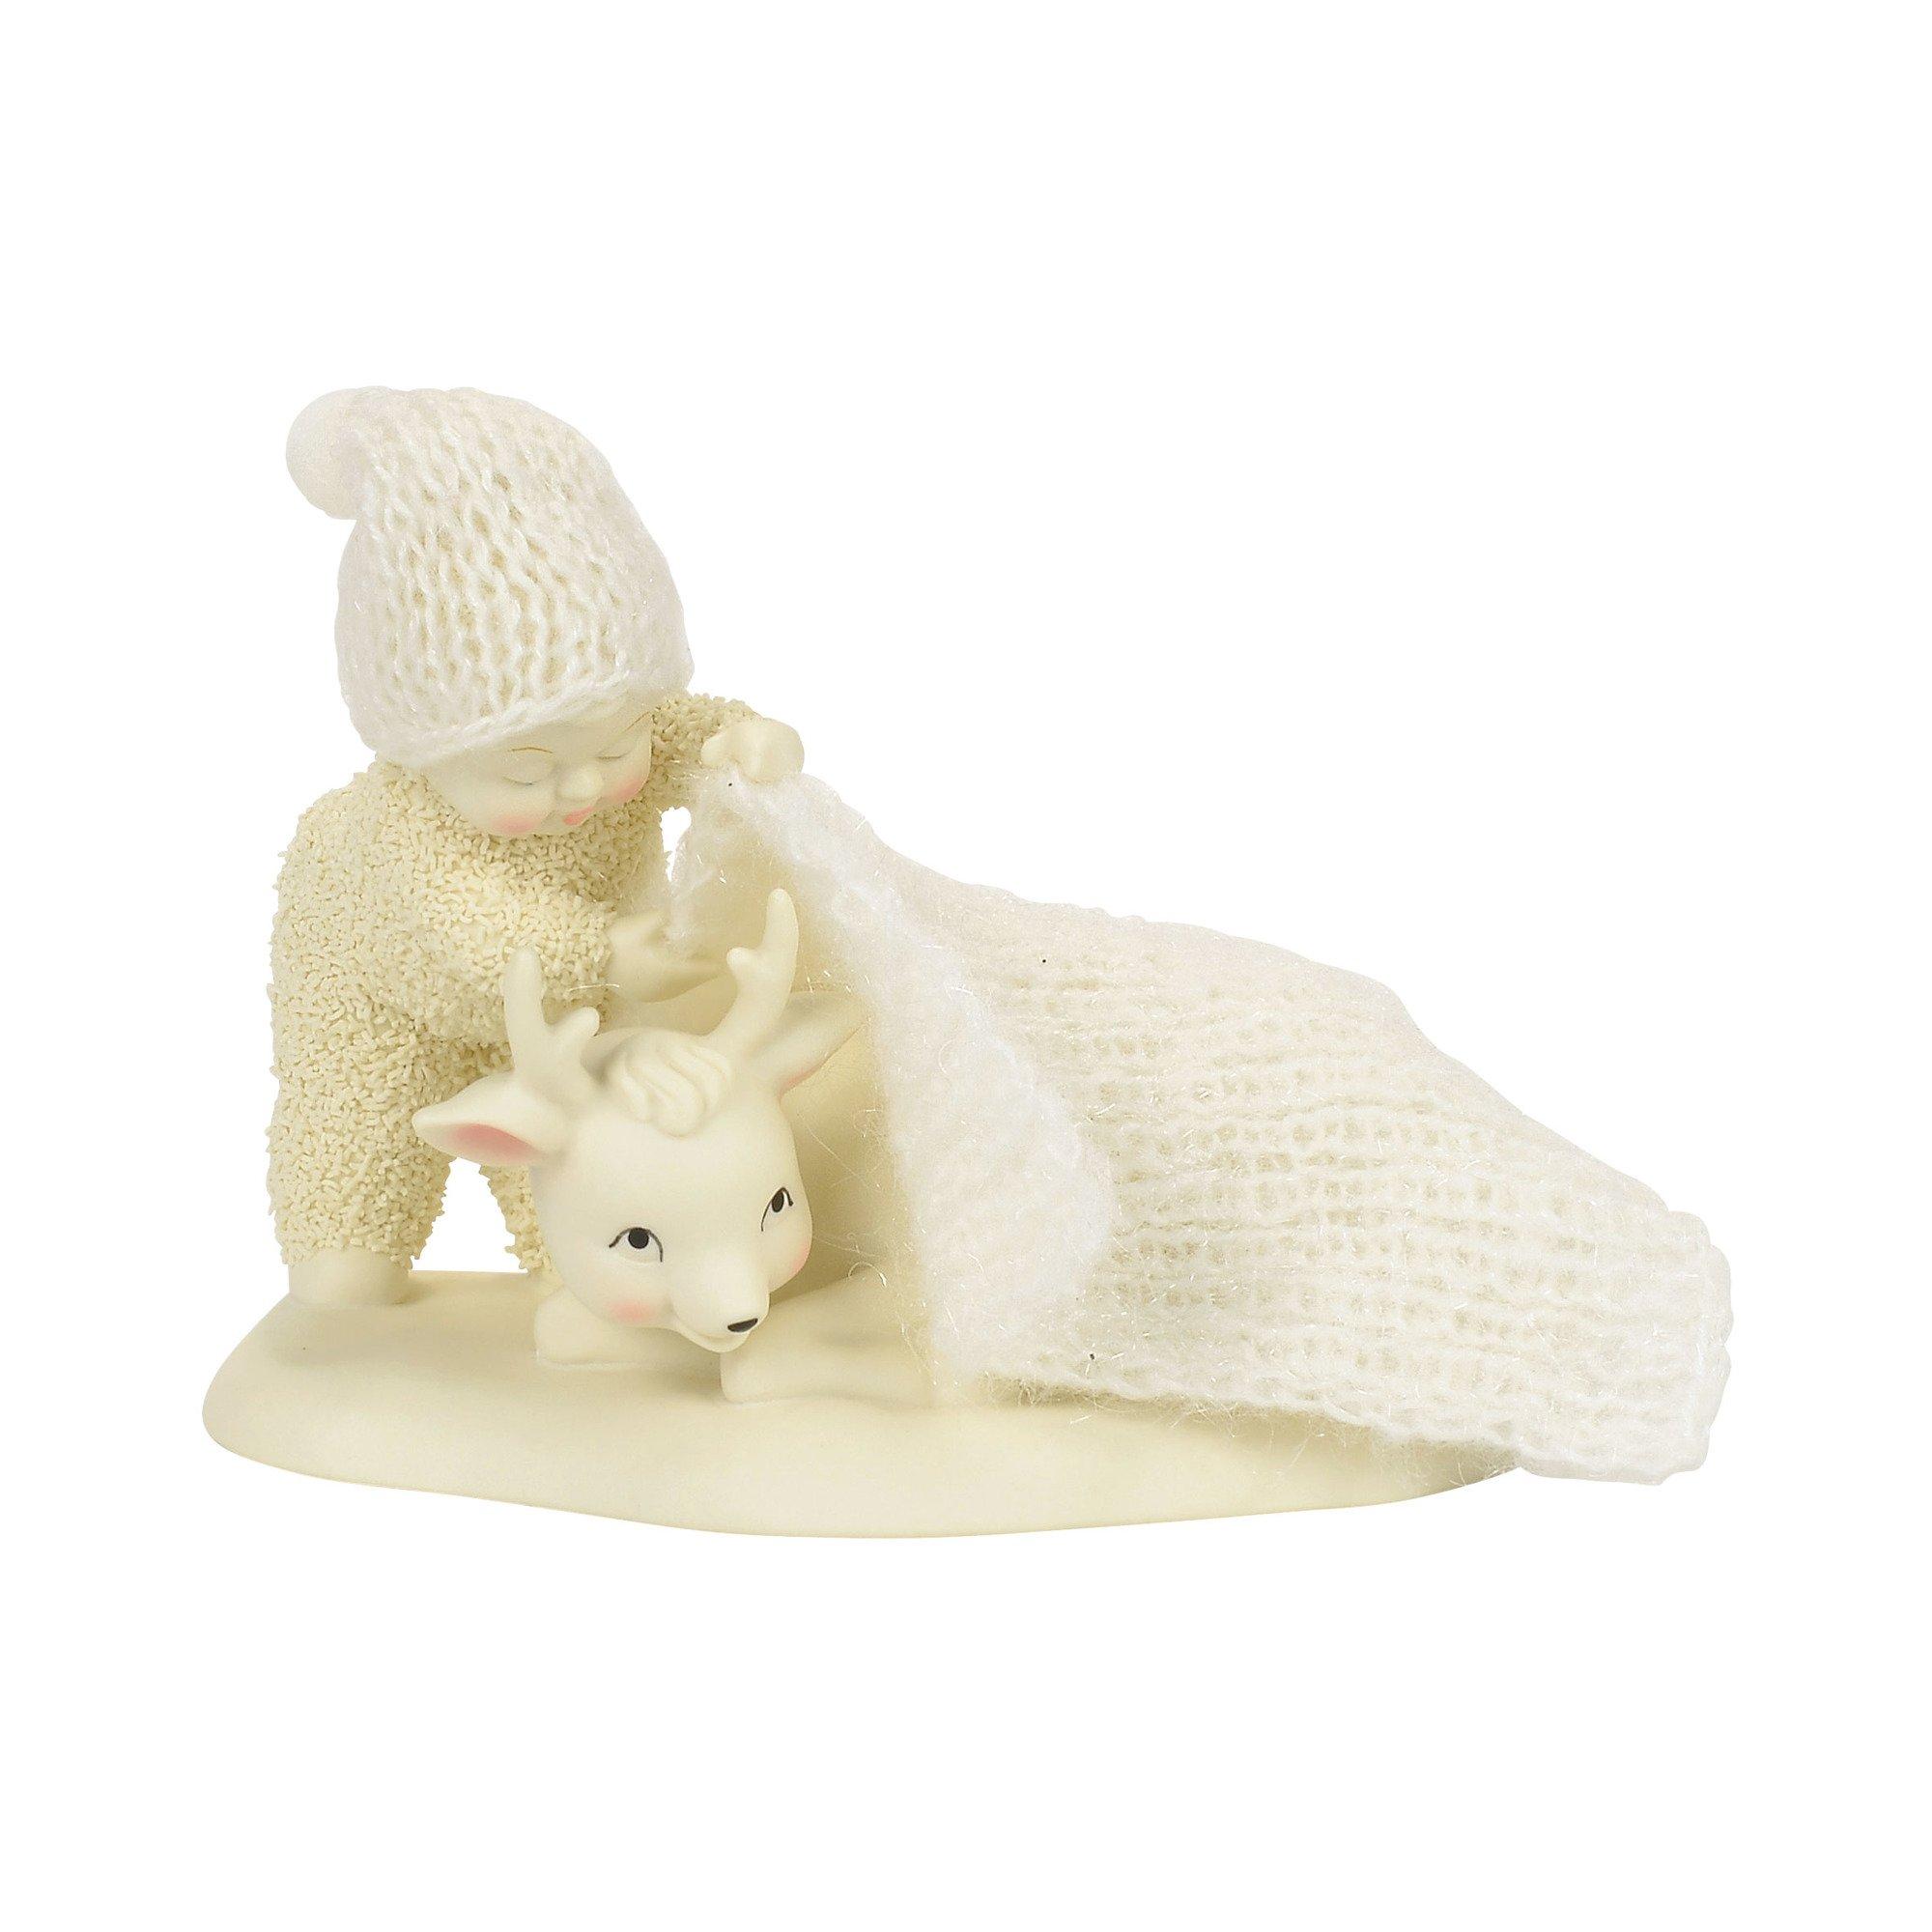 """Department 56 Snowbabies """"Warm Winter's Nap"""" Porcelain Figurine, 4"""""""